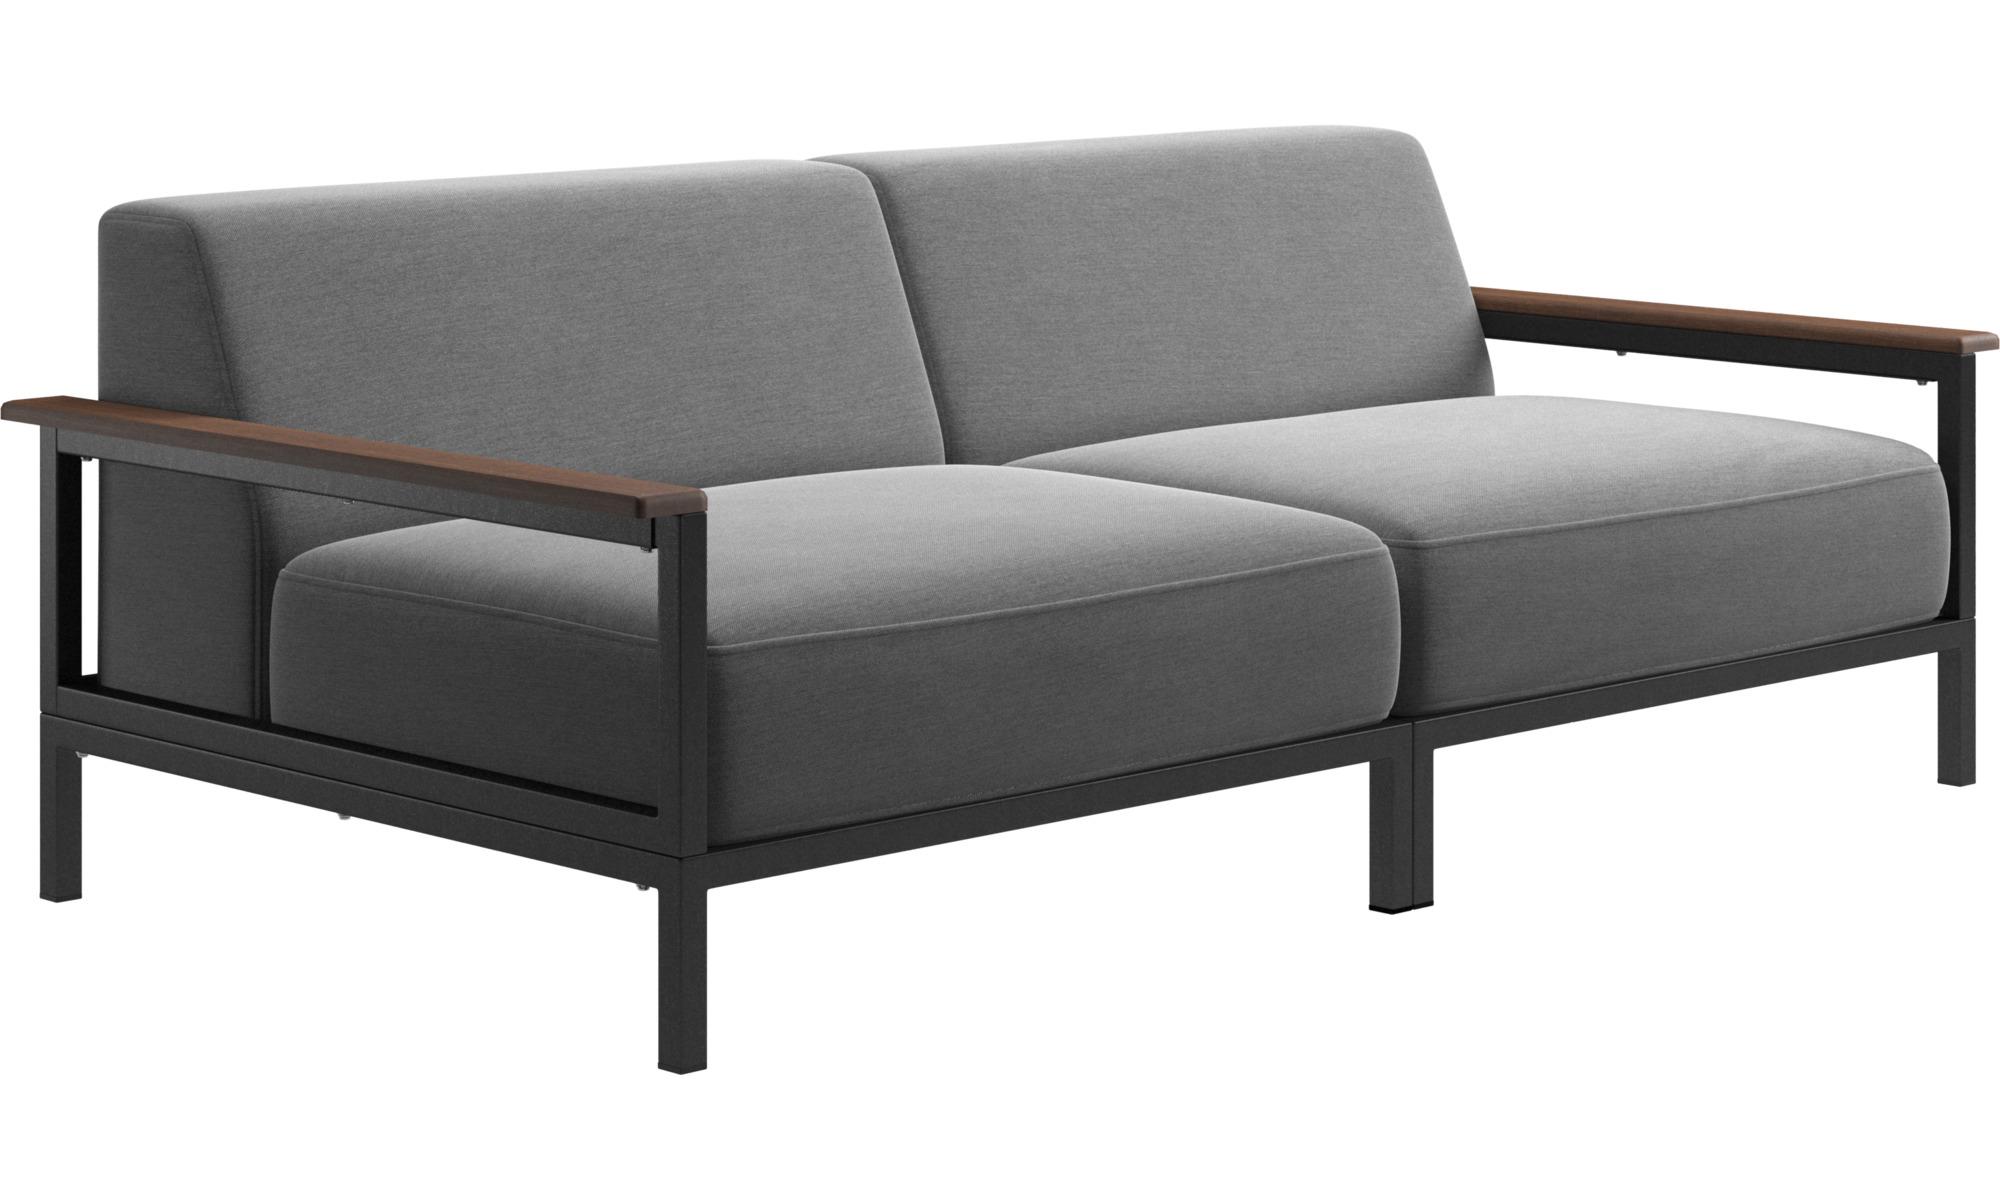 Sof s de exteriores sof de exteriores rome boconcept - Sofas para exterior ...